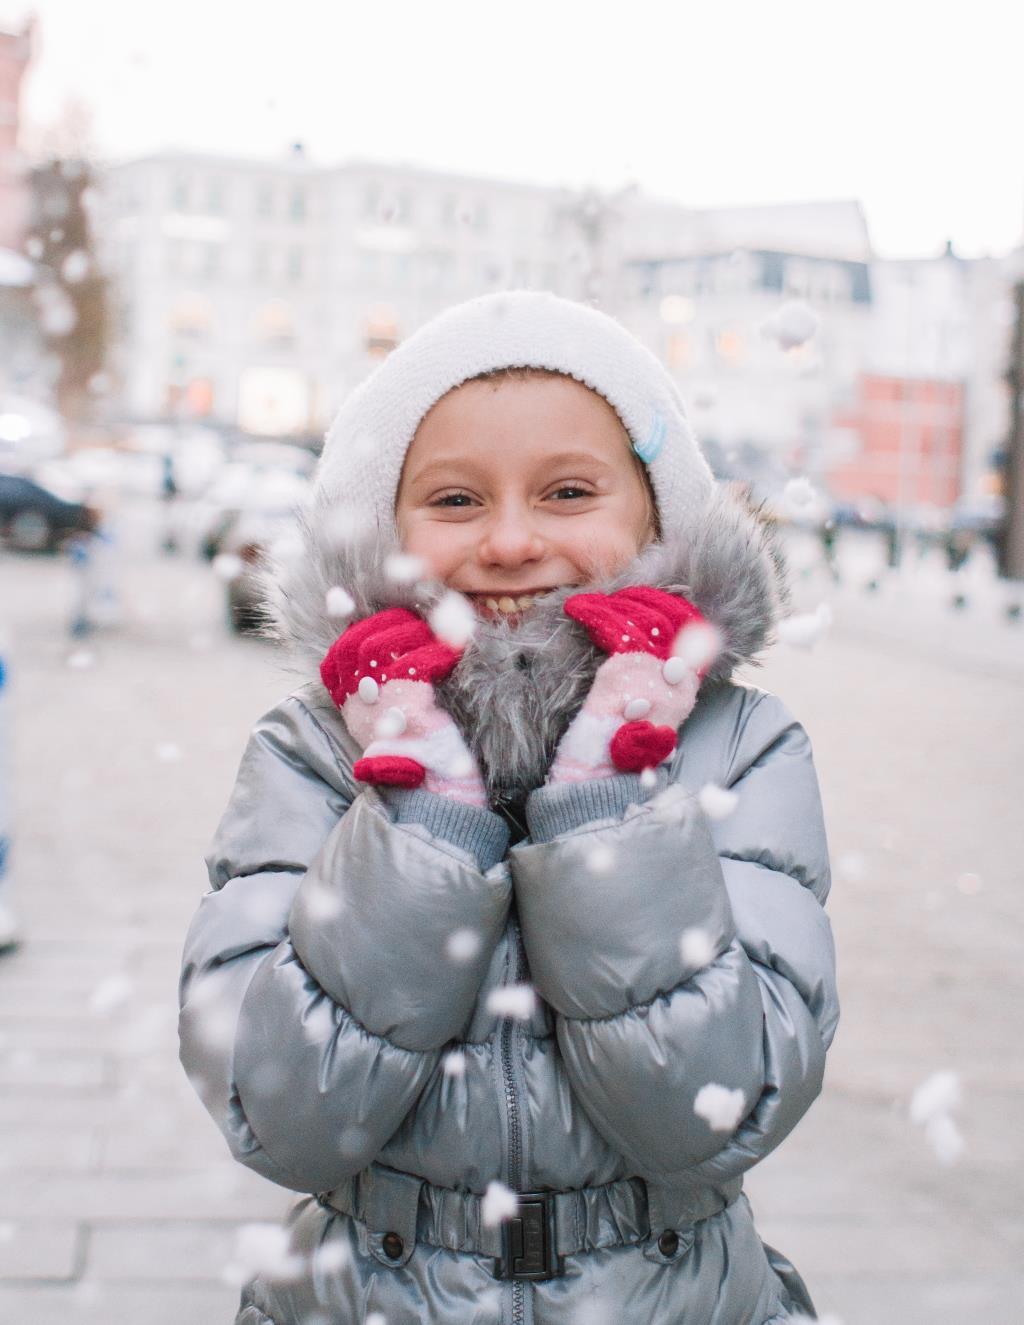 Зимняя сказка. Веселая зима